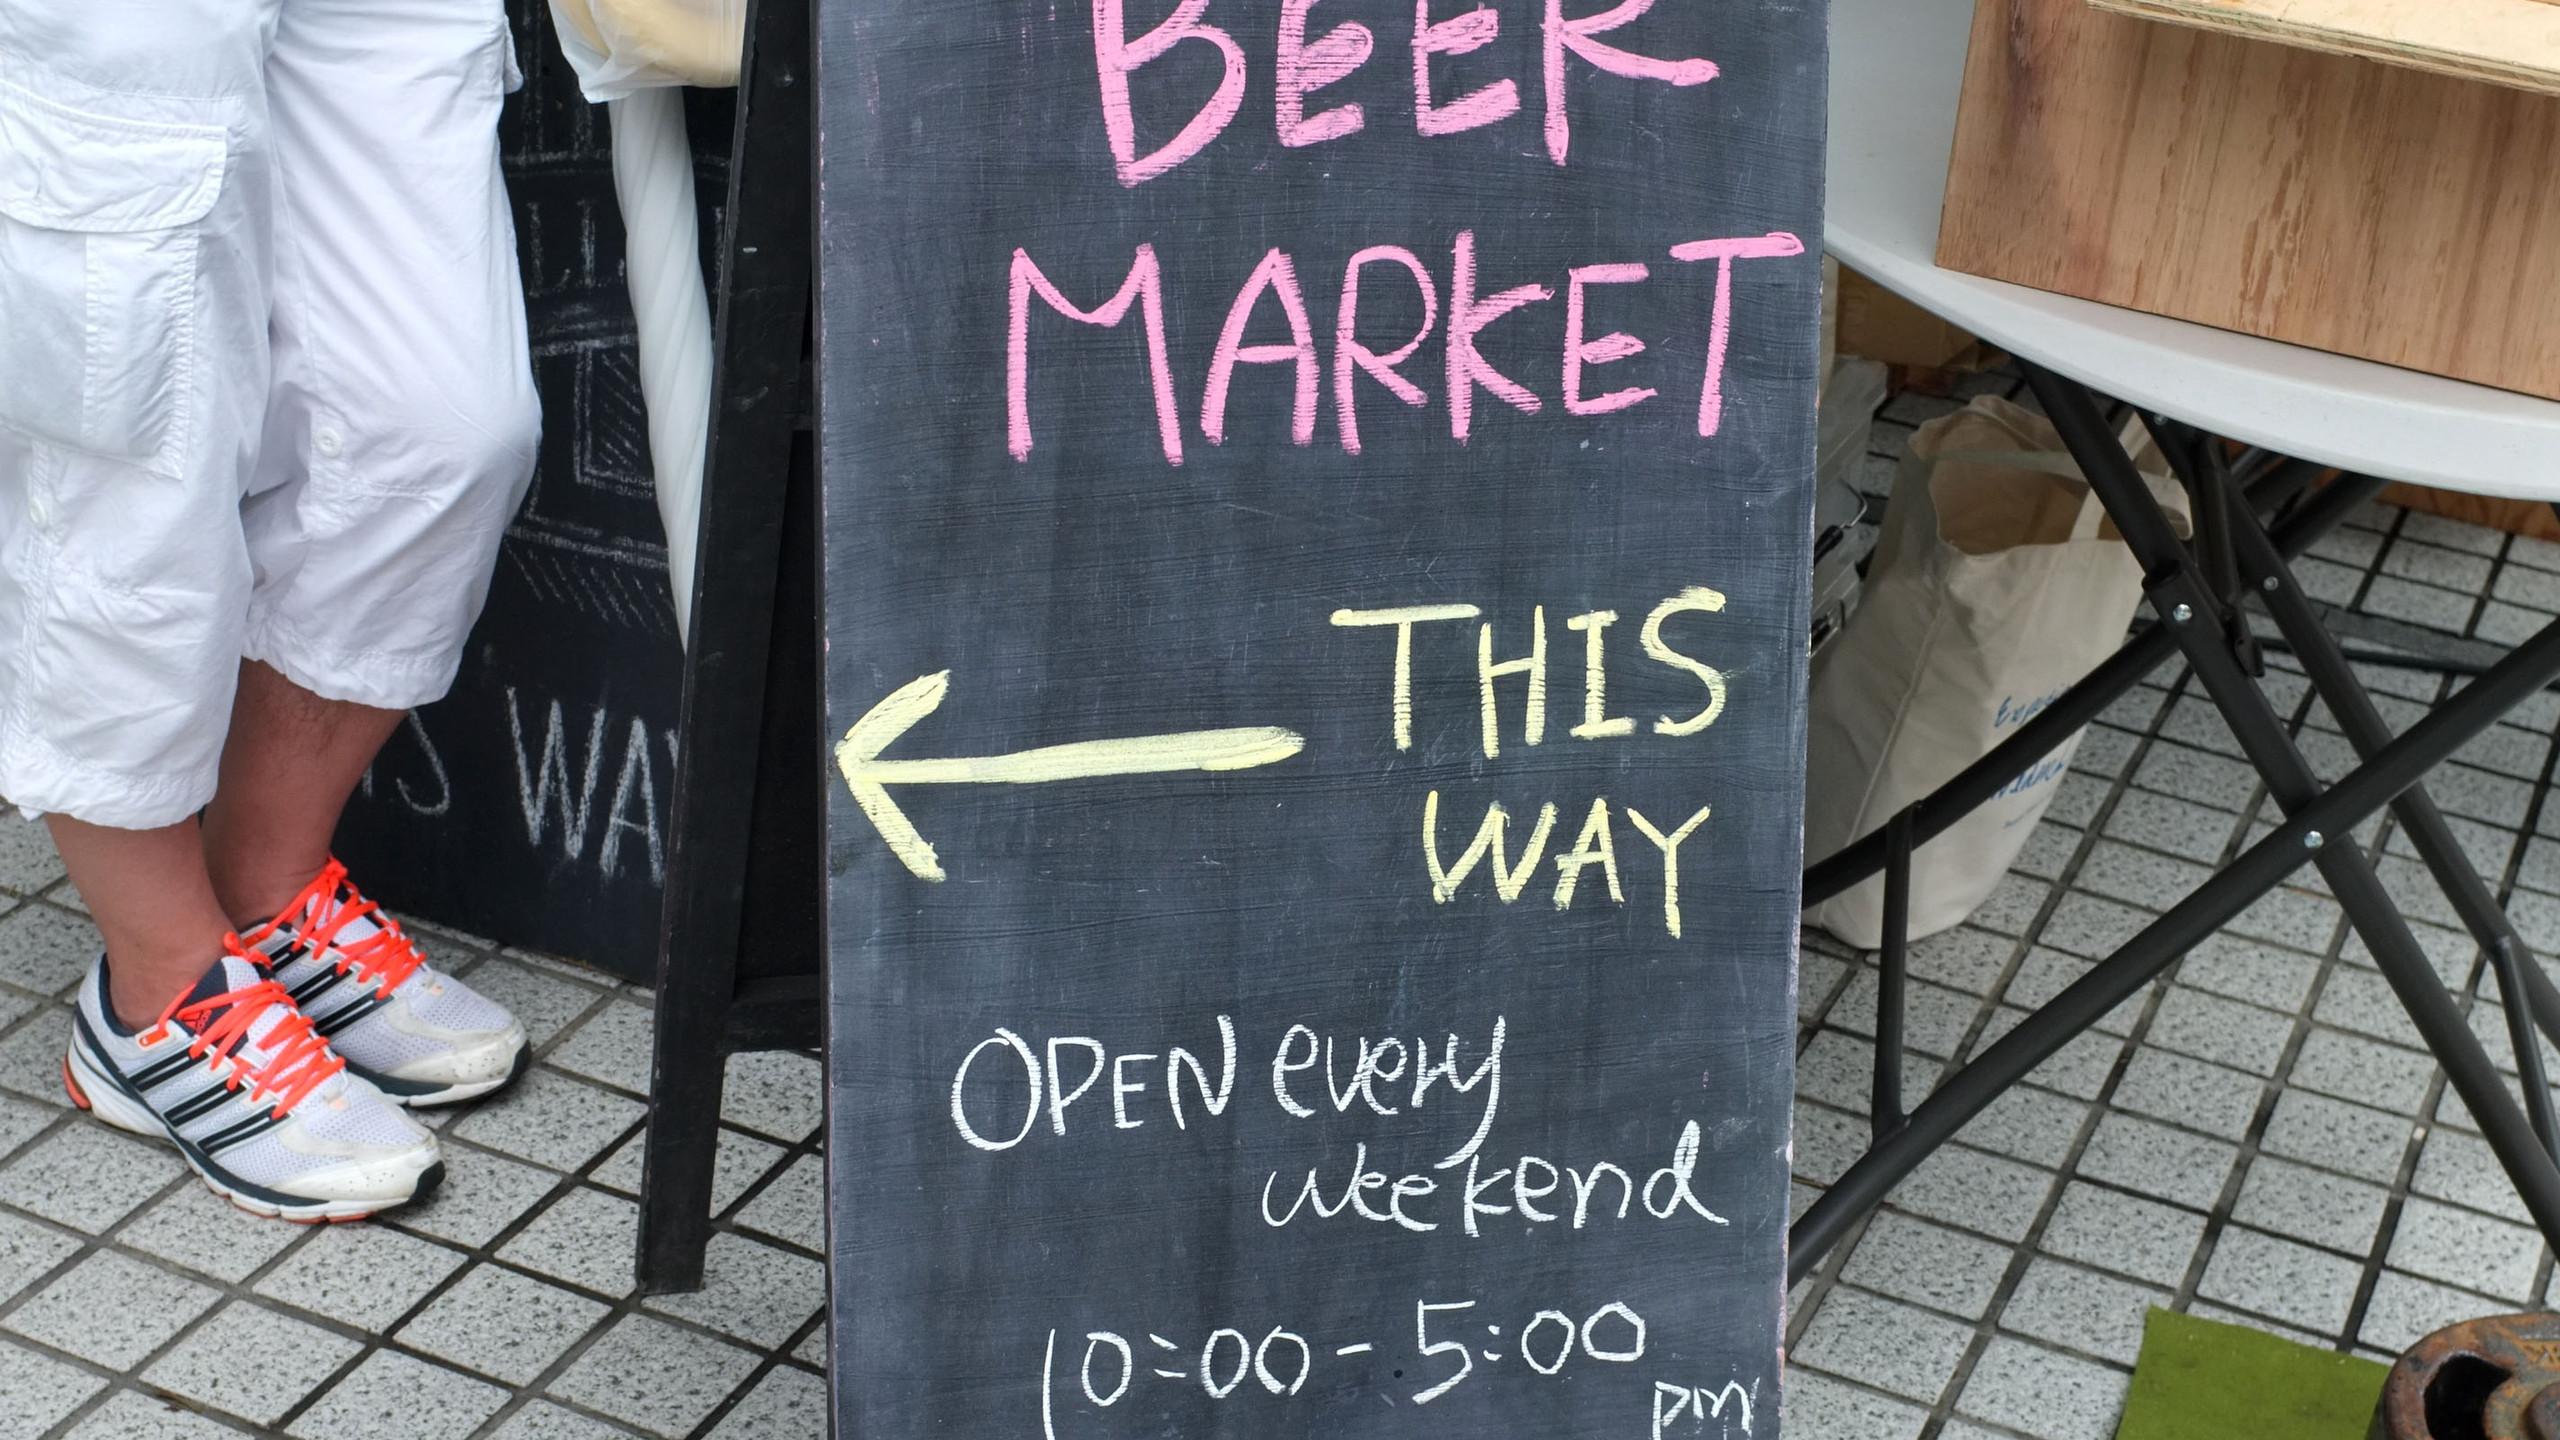 夏季限定啤酒市集